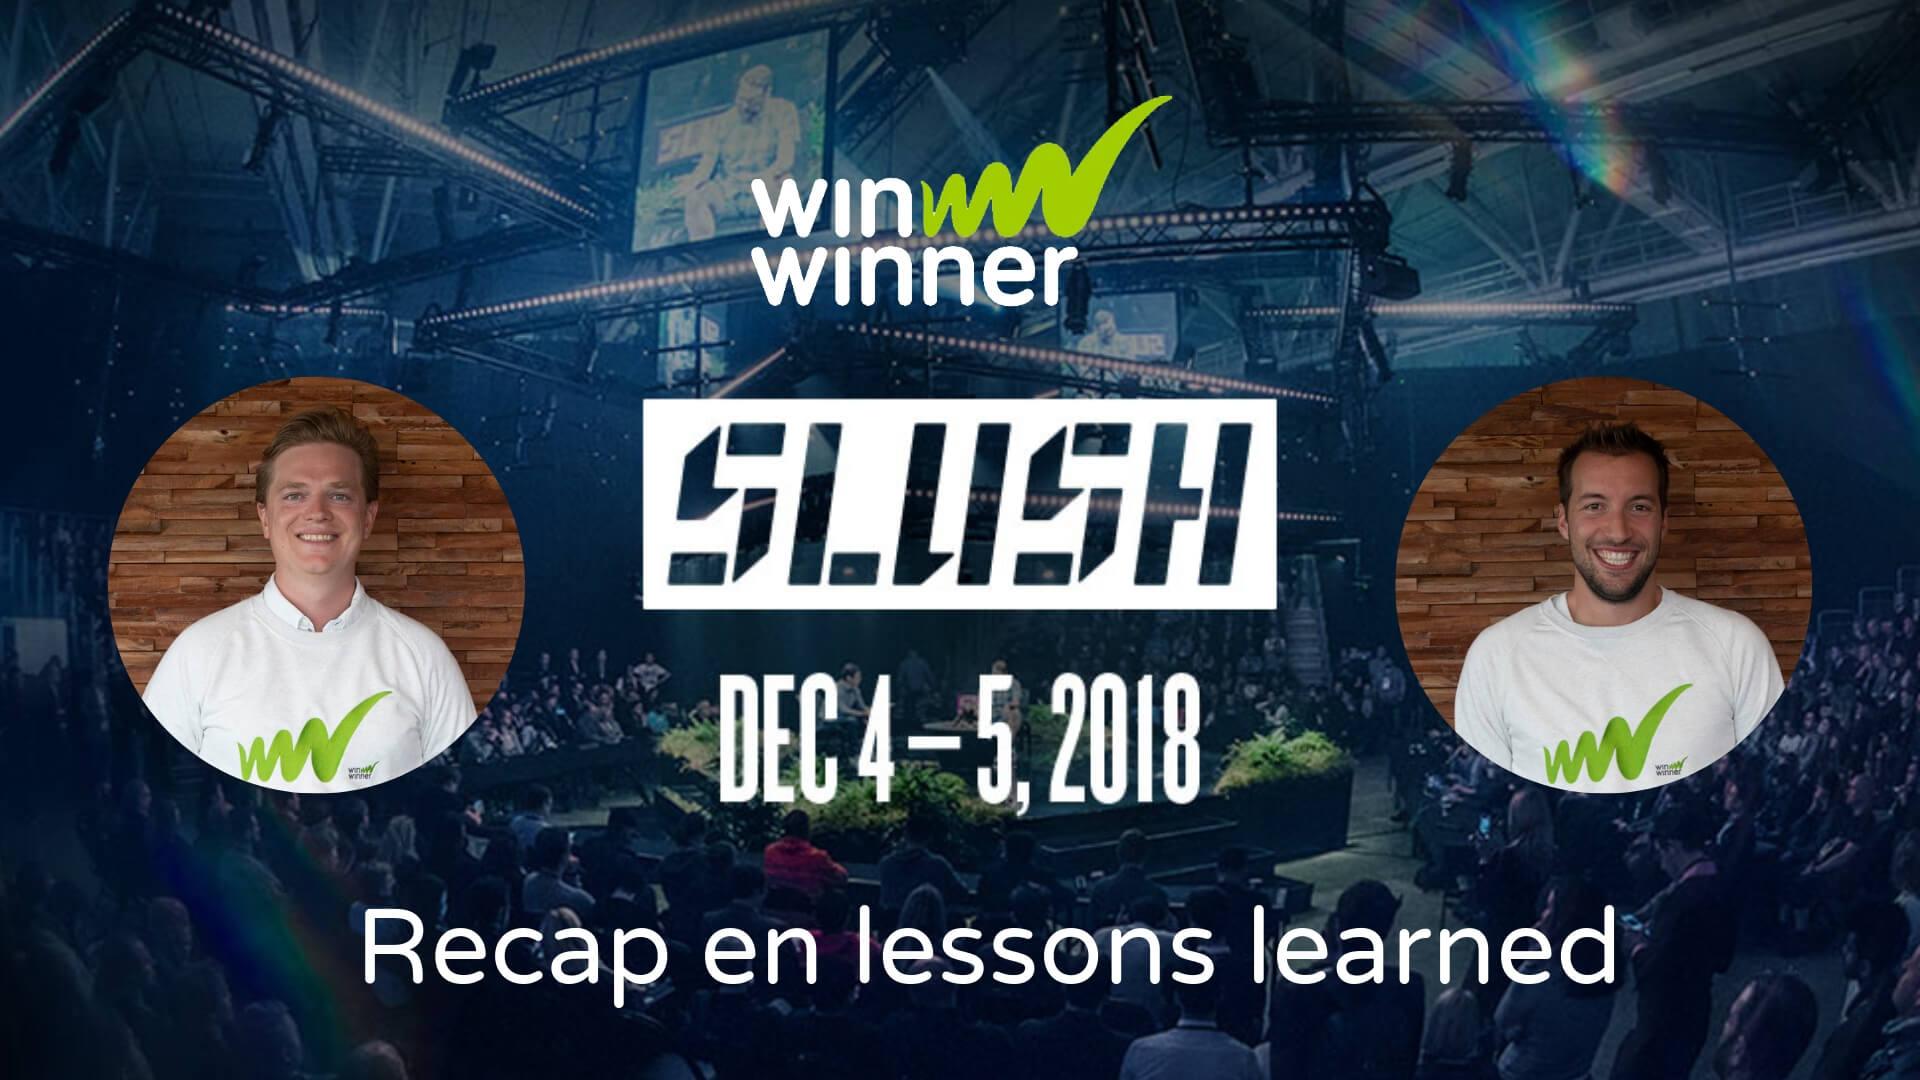 WinWinner @ Slush: Episode 4 - Recap en lessons learned